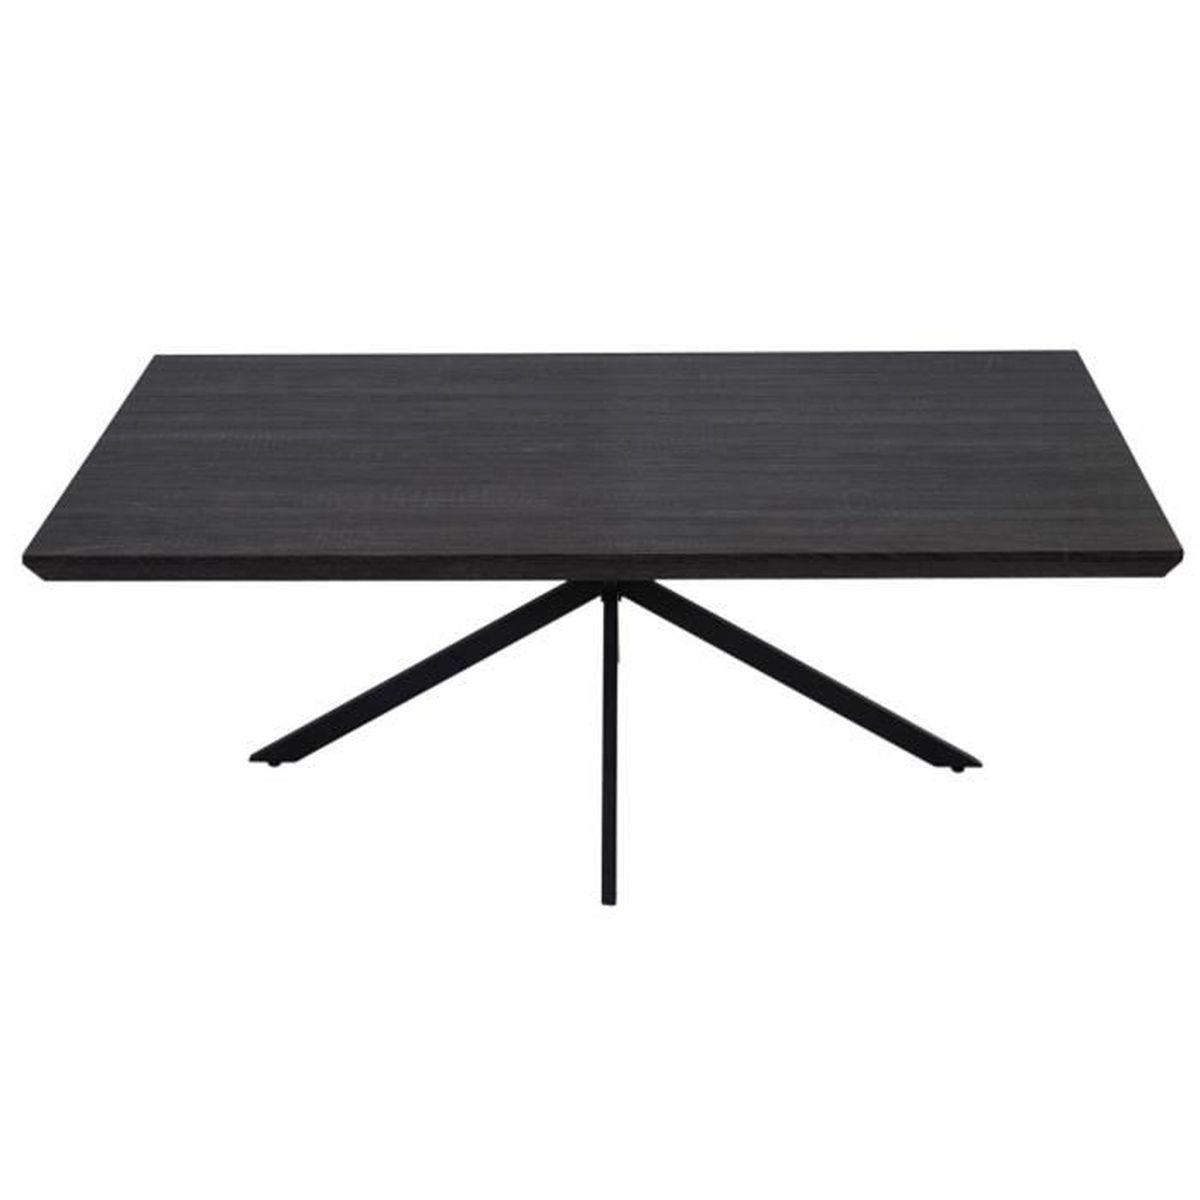 Table Basse Coloris Ch Ne Noir Avec Pieds En M Tal Noir H 40 X L 110 X P 60 Cm Achat Vente